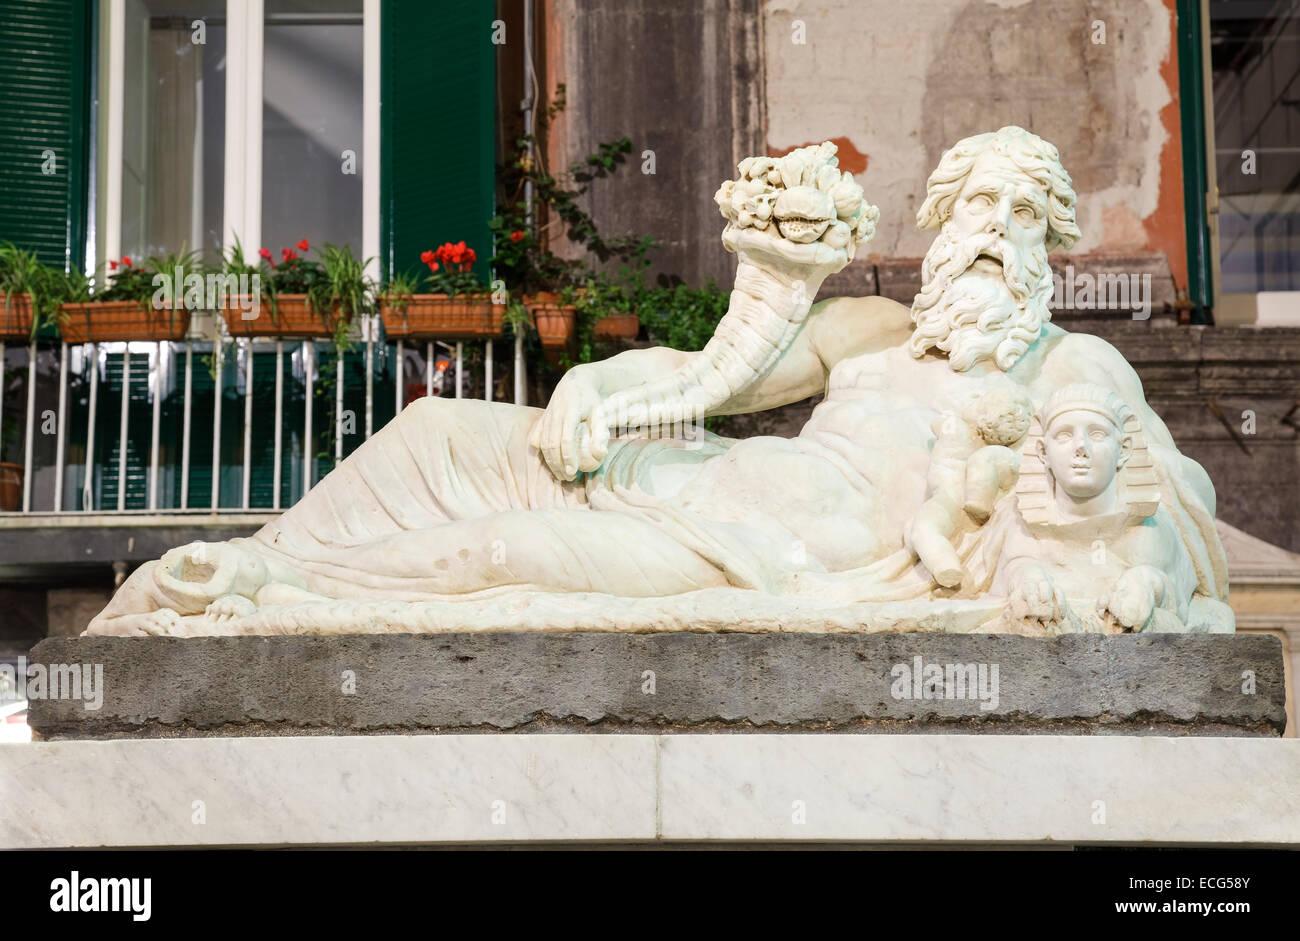 Statua del Nilo Dio / Corpo di Naples, Napoli, campania, Italy Immagini Stock